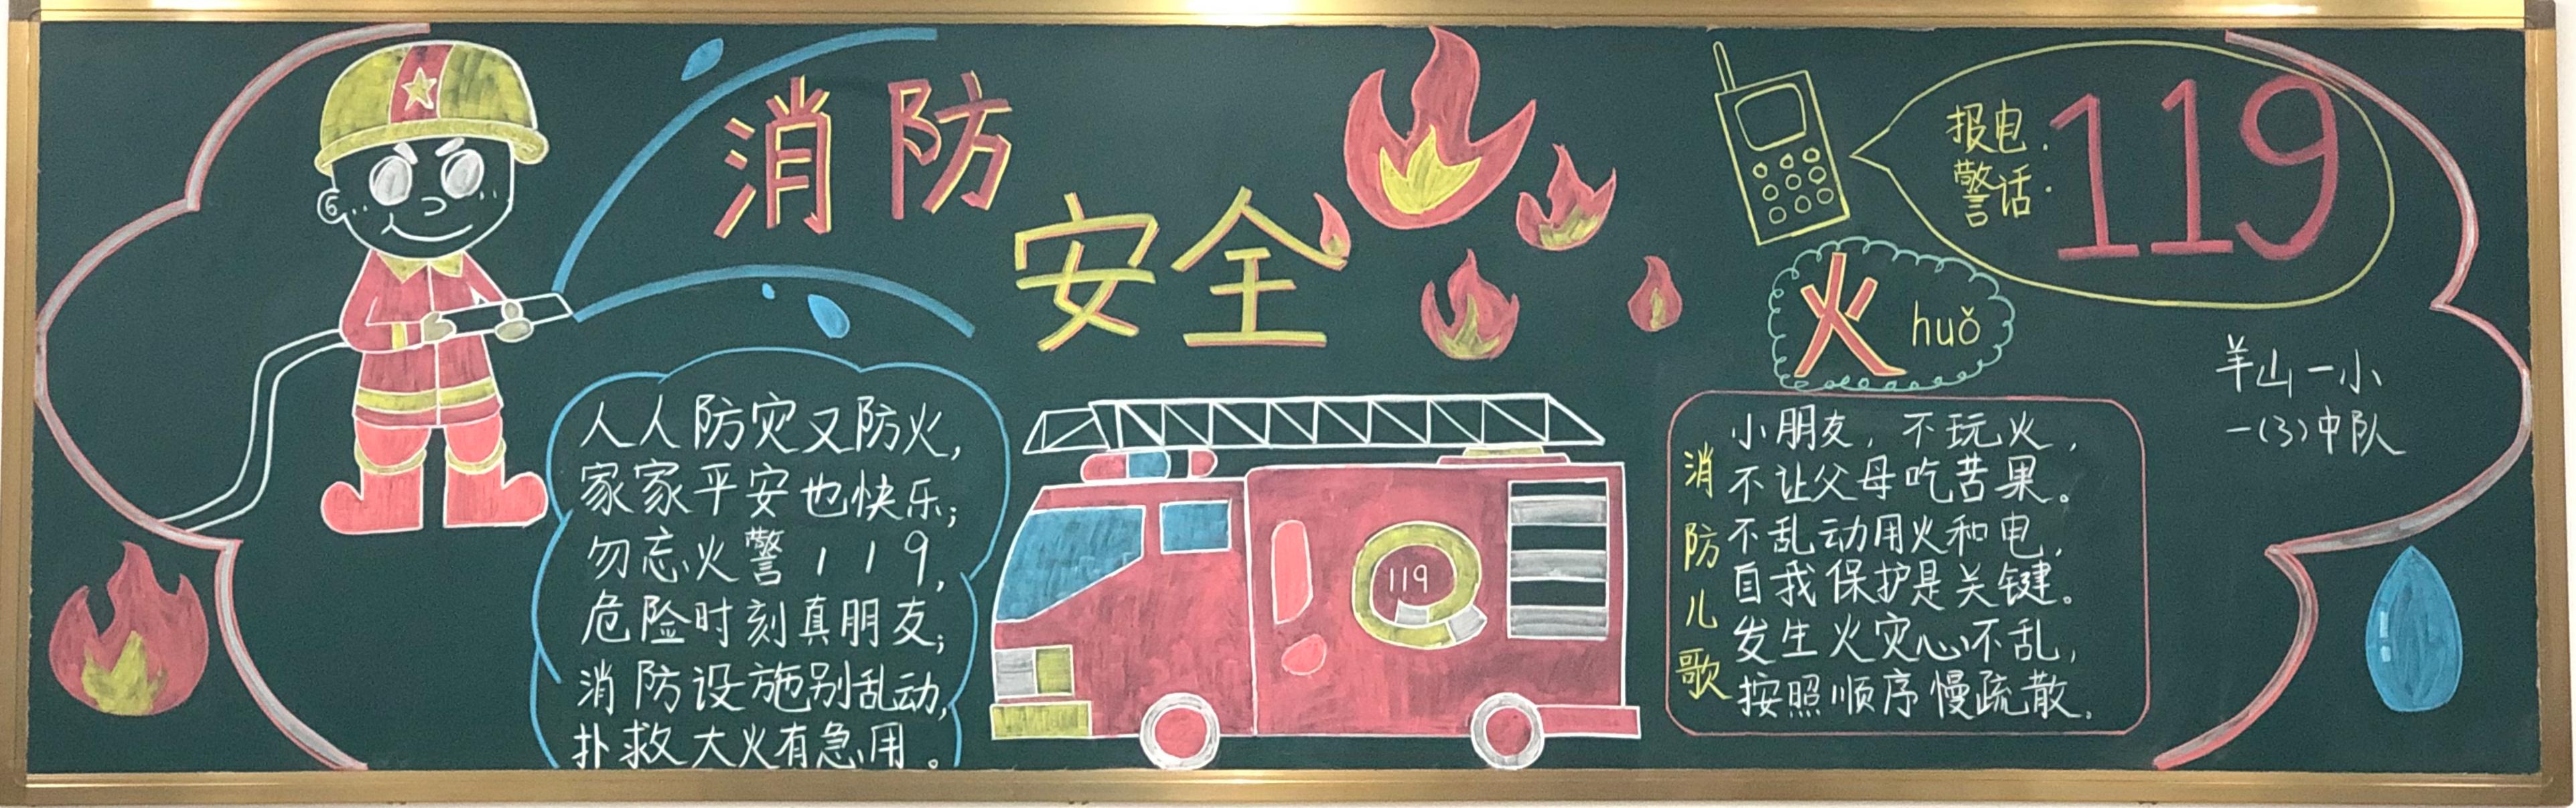 消防安全119黑板报